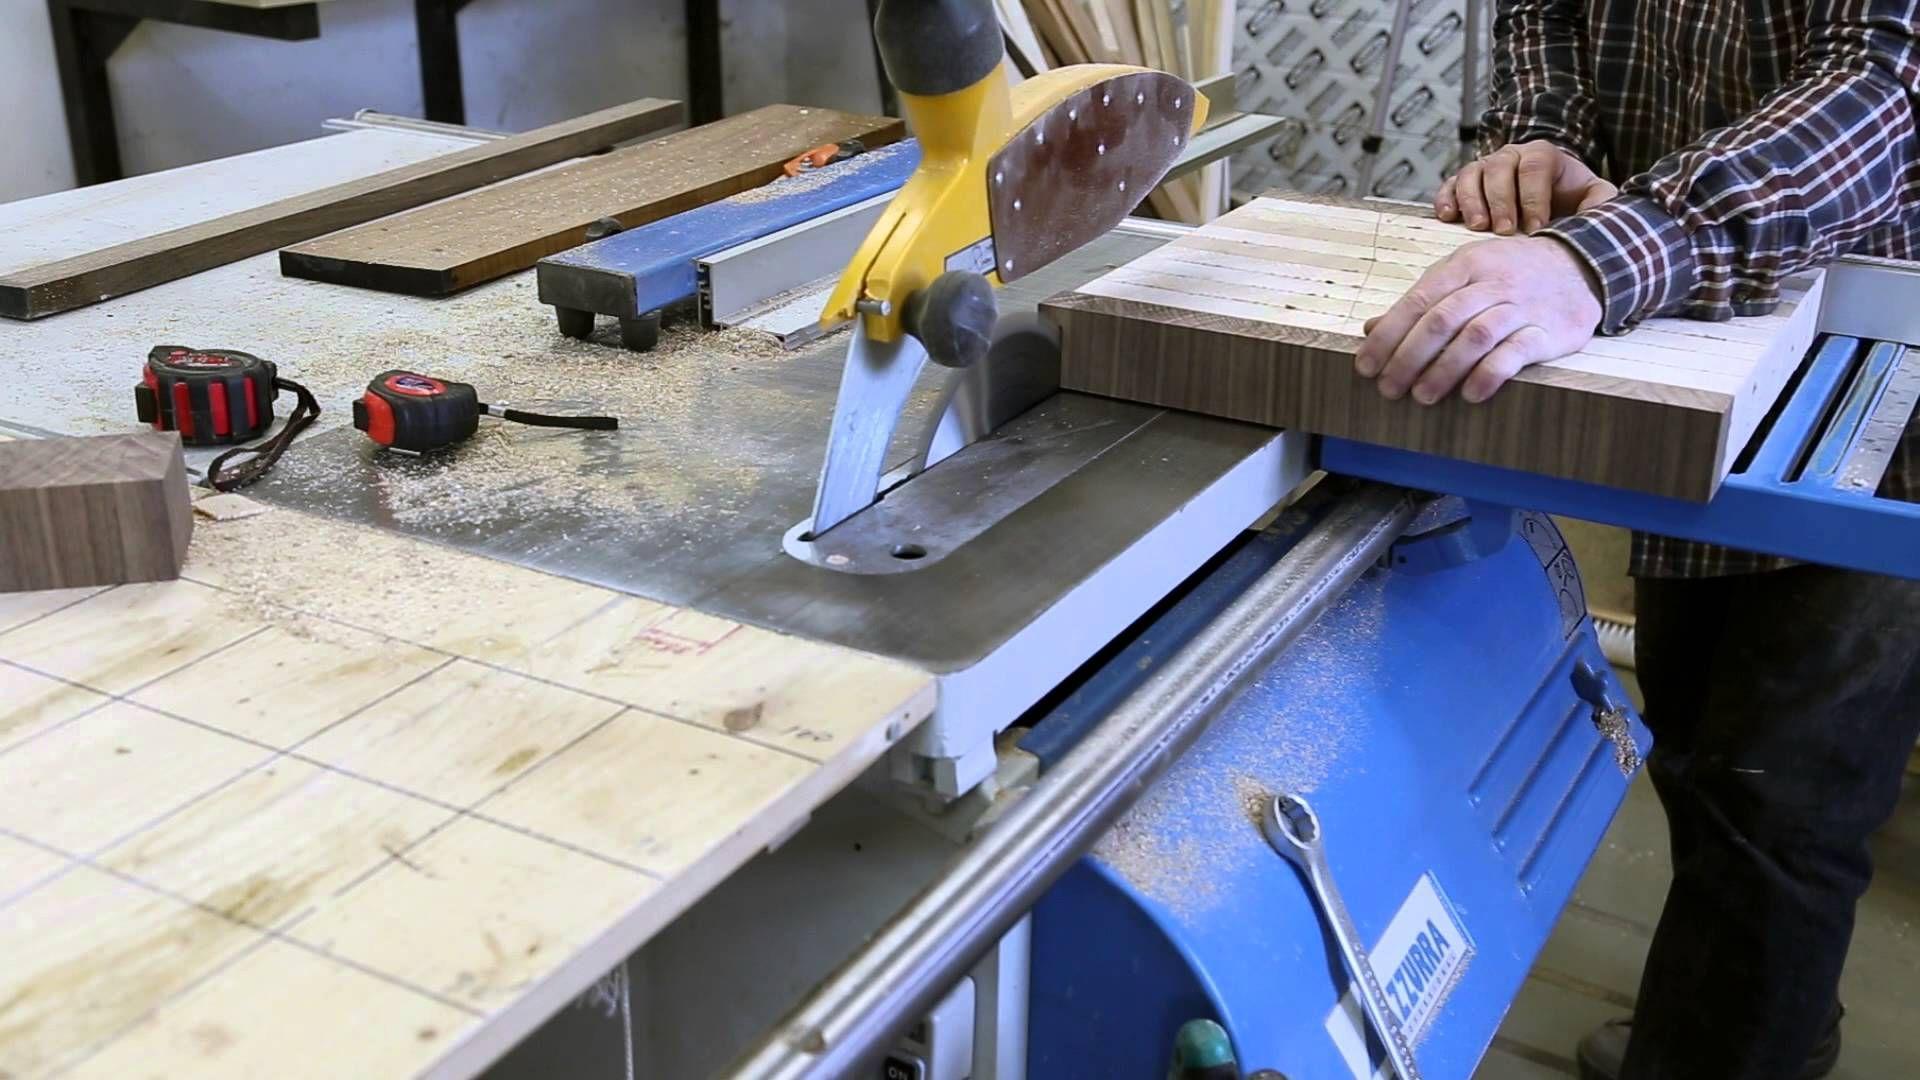 Изготовление торцевых разделочных досок для конкурса Kitchen Knife Forums